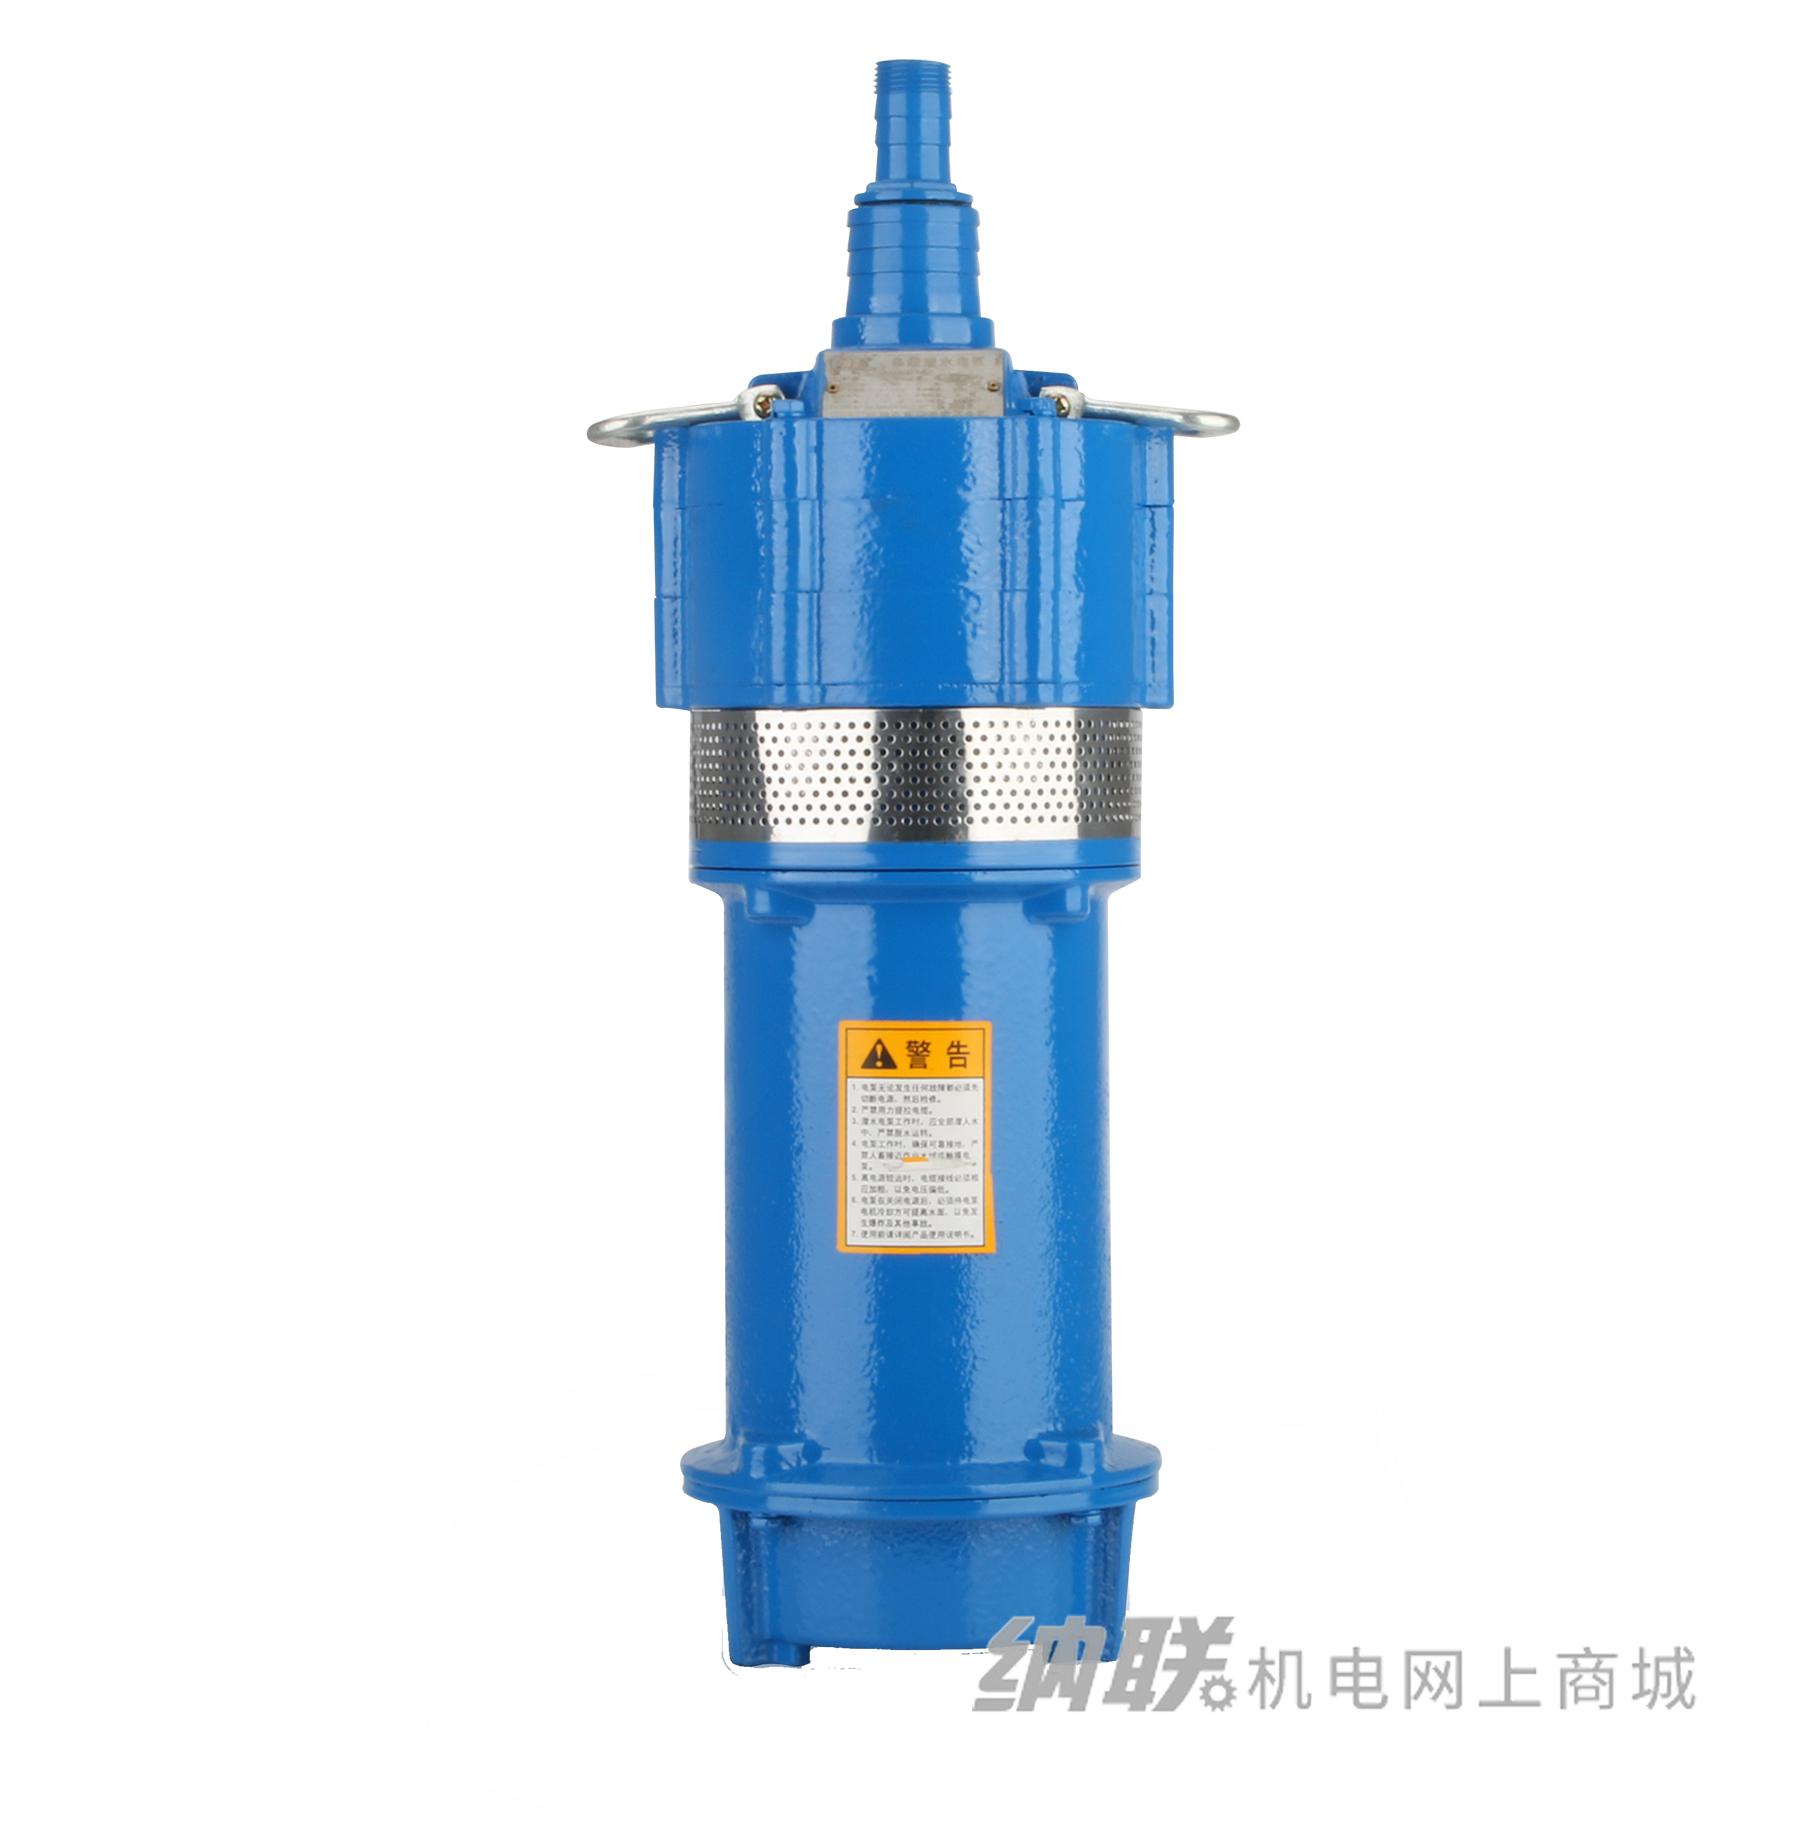 纳联机电 多级潜水泵-Q3-80/5-1.8三相